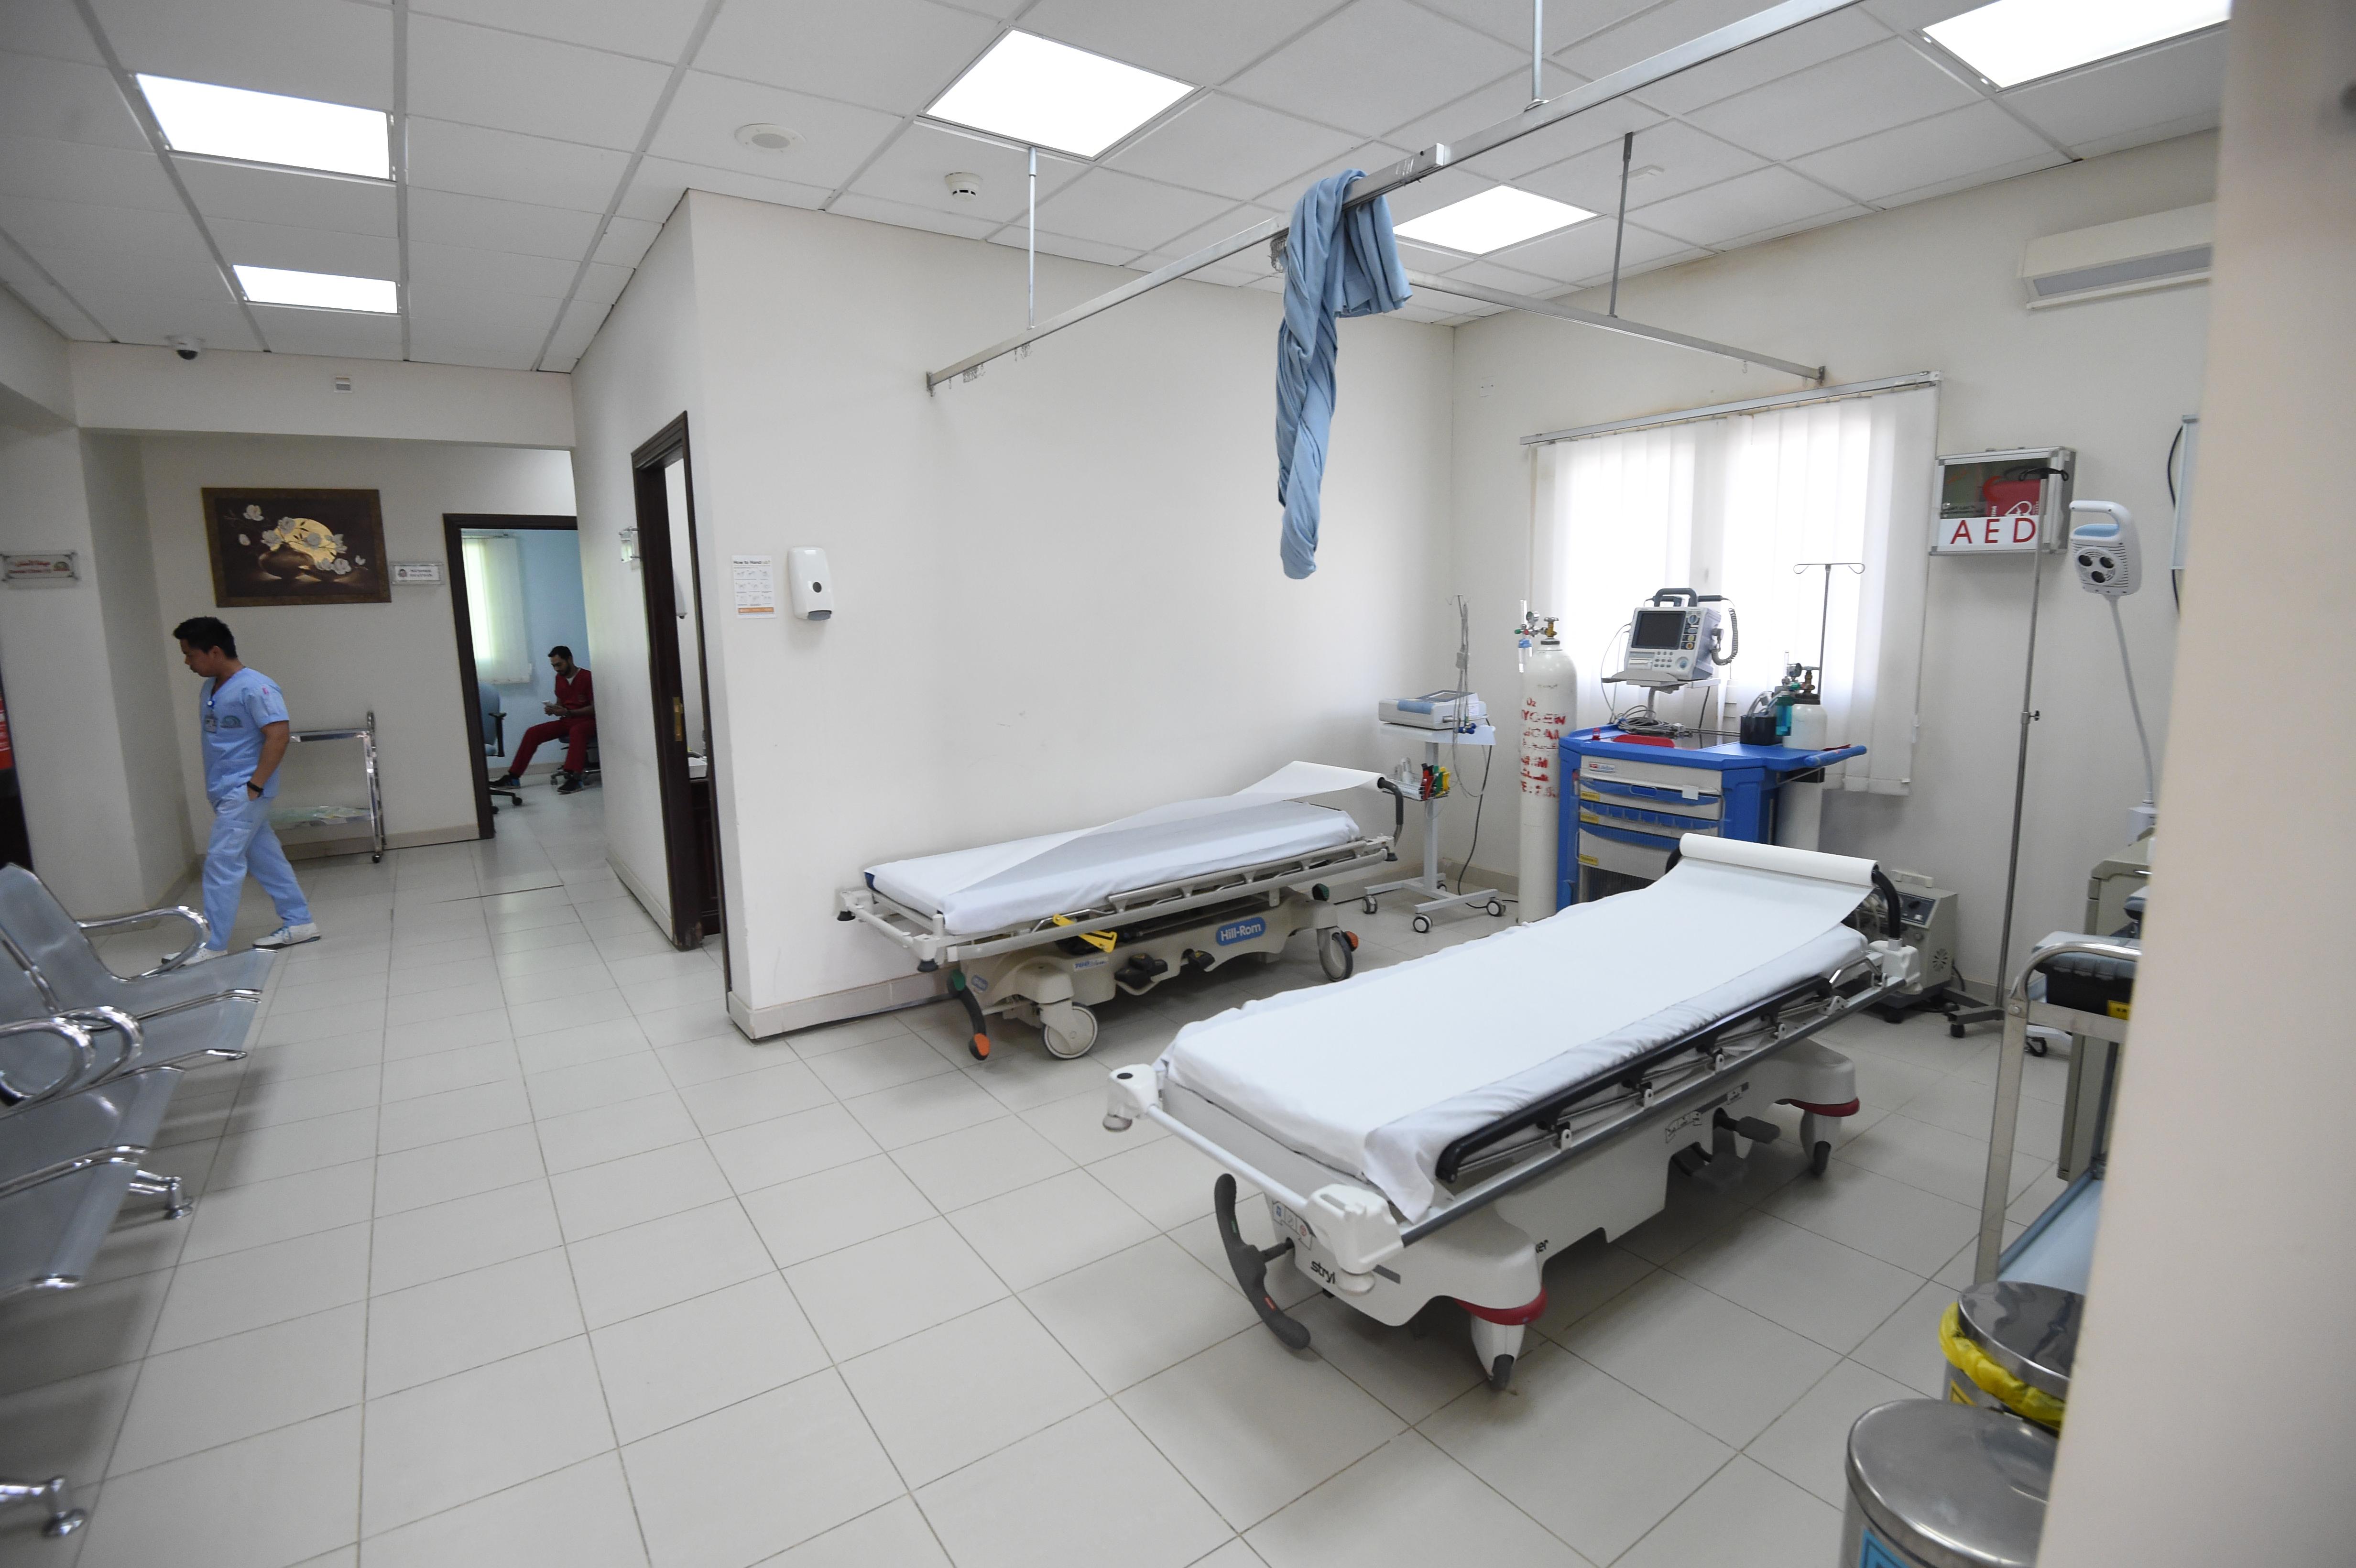 العيادة الطبية داخل مركز محمد بن نايف للمناصحة/وكالة الصحافة الفرنسية